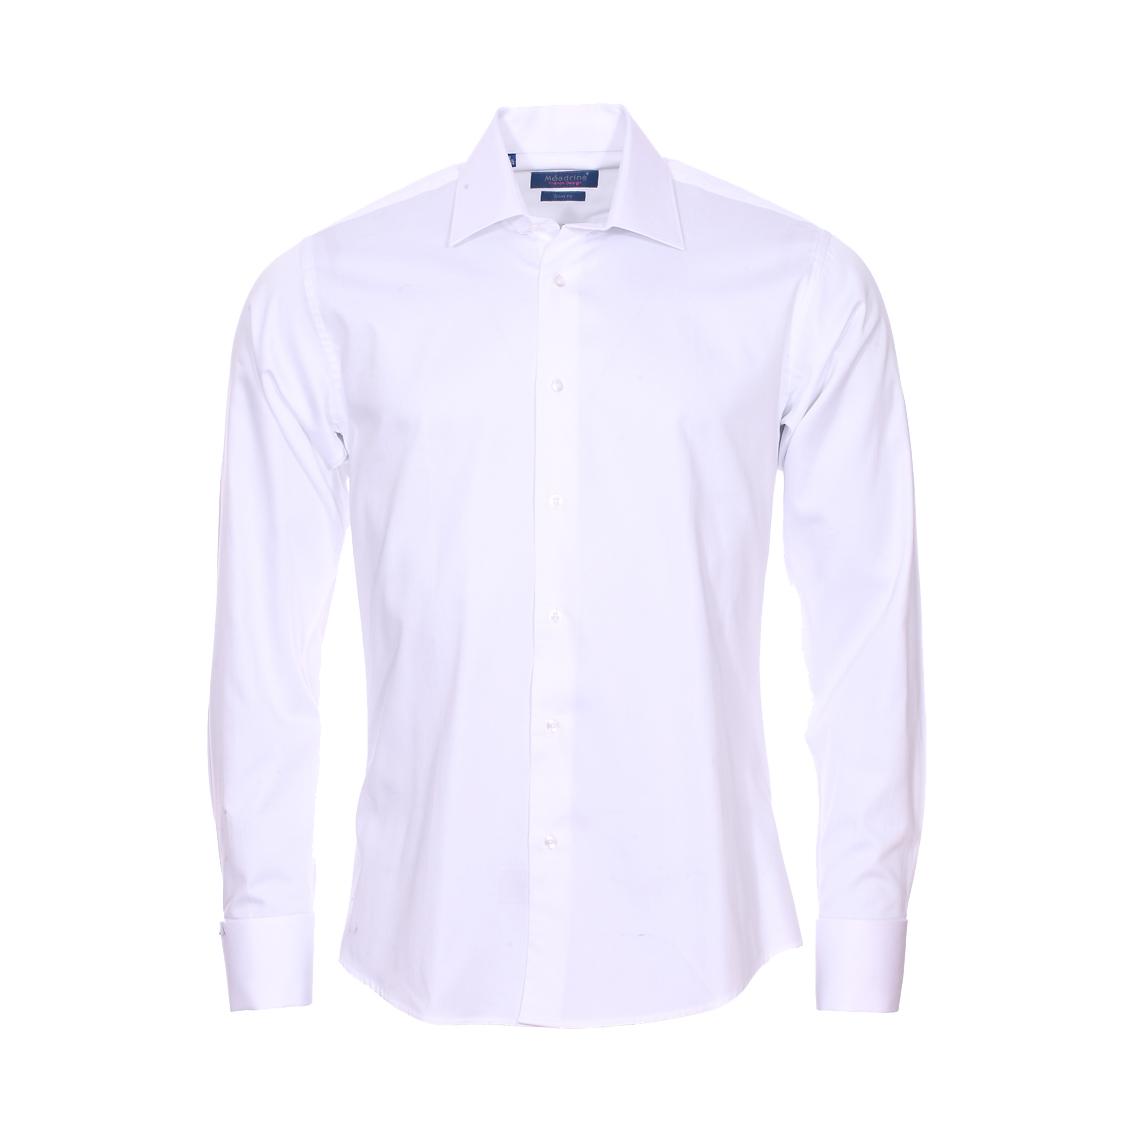 Chemise cintrée  en coton blanc à poignets mousquetaires